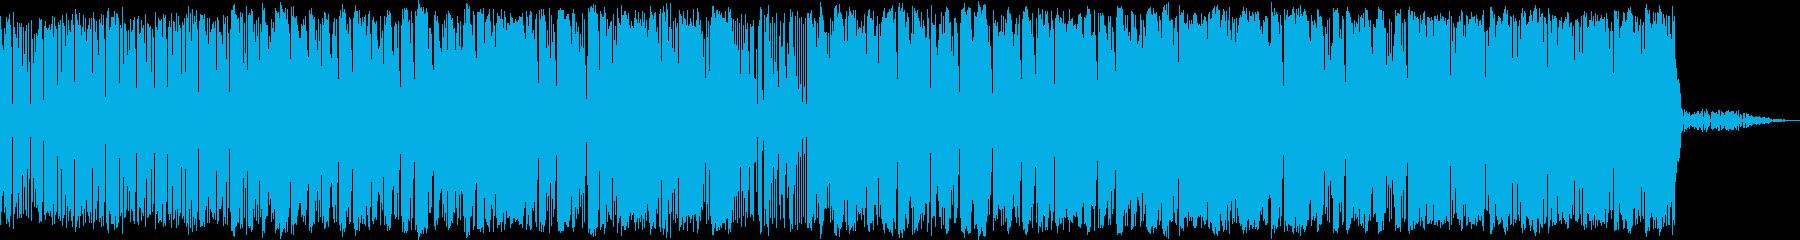 メロウなHIPHOPの再生済みの波形